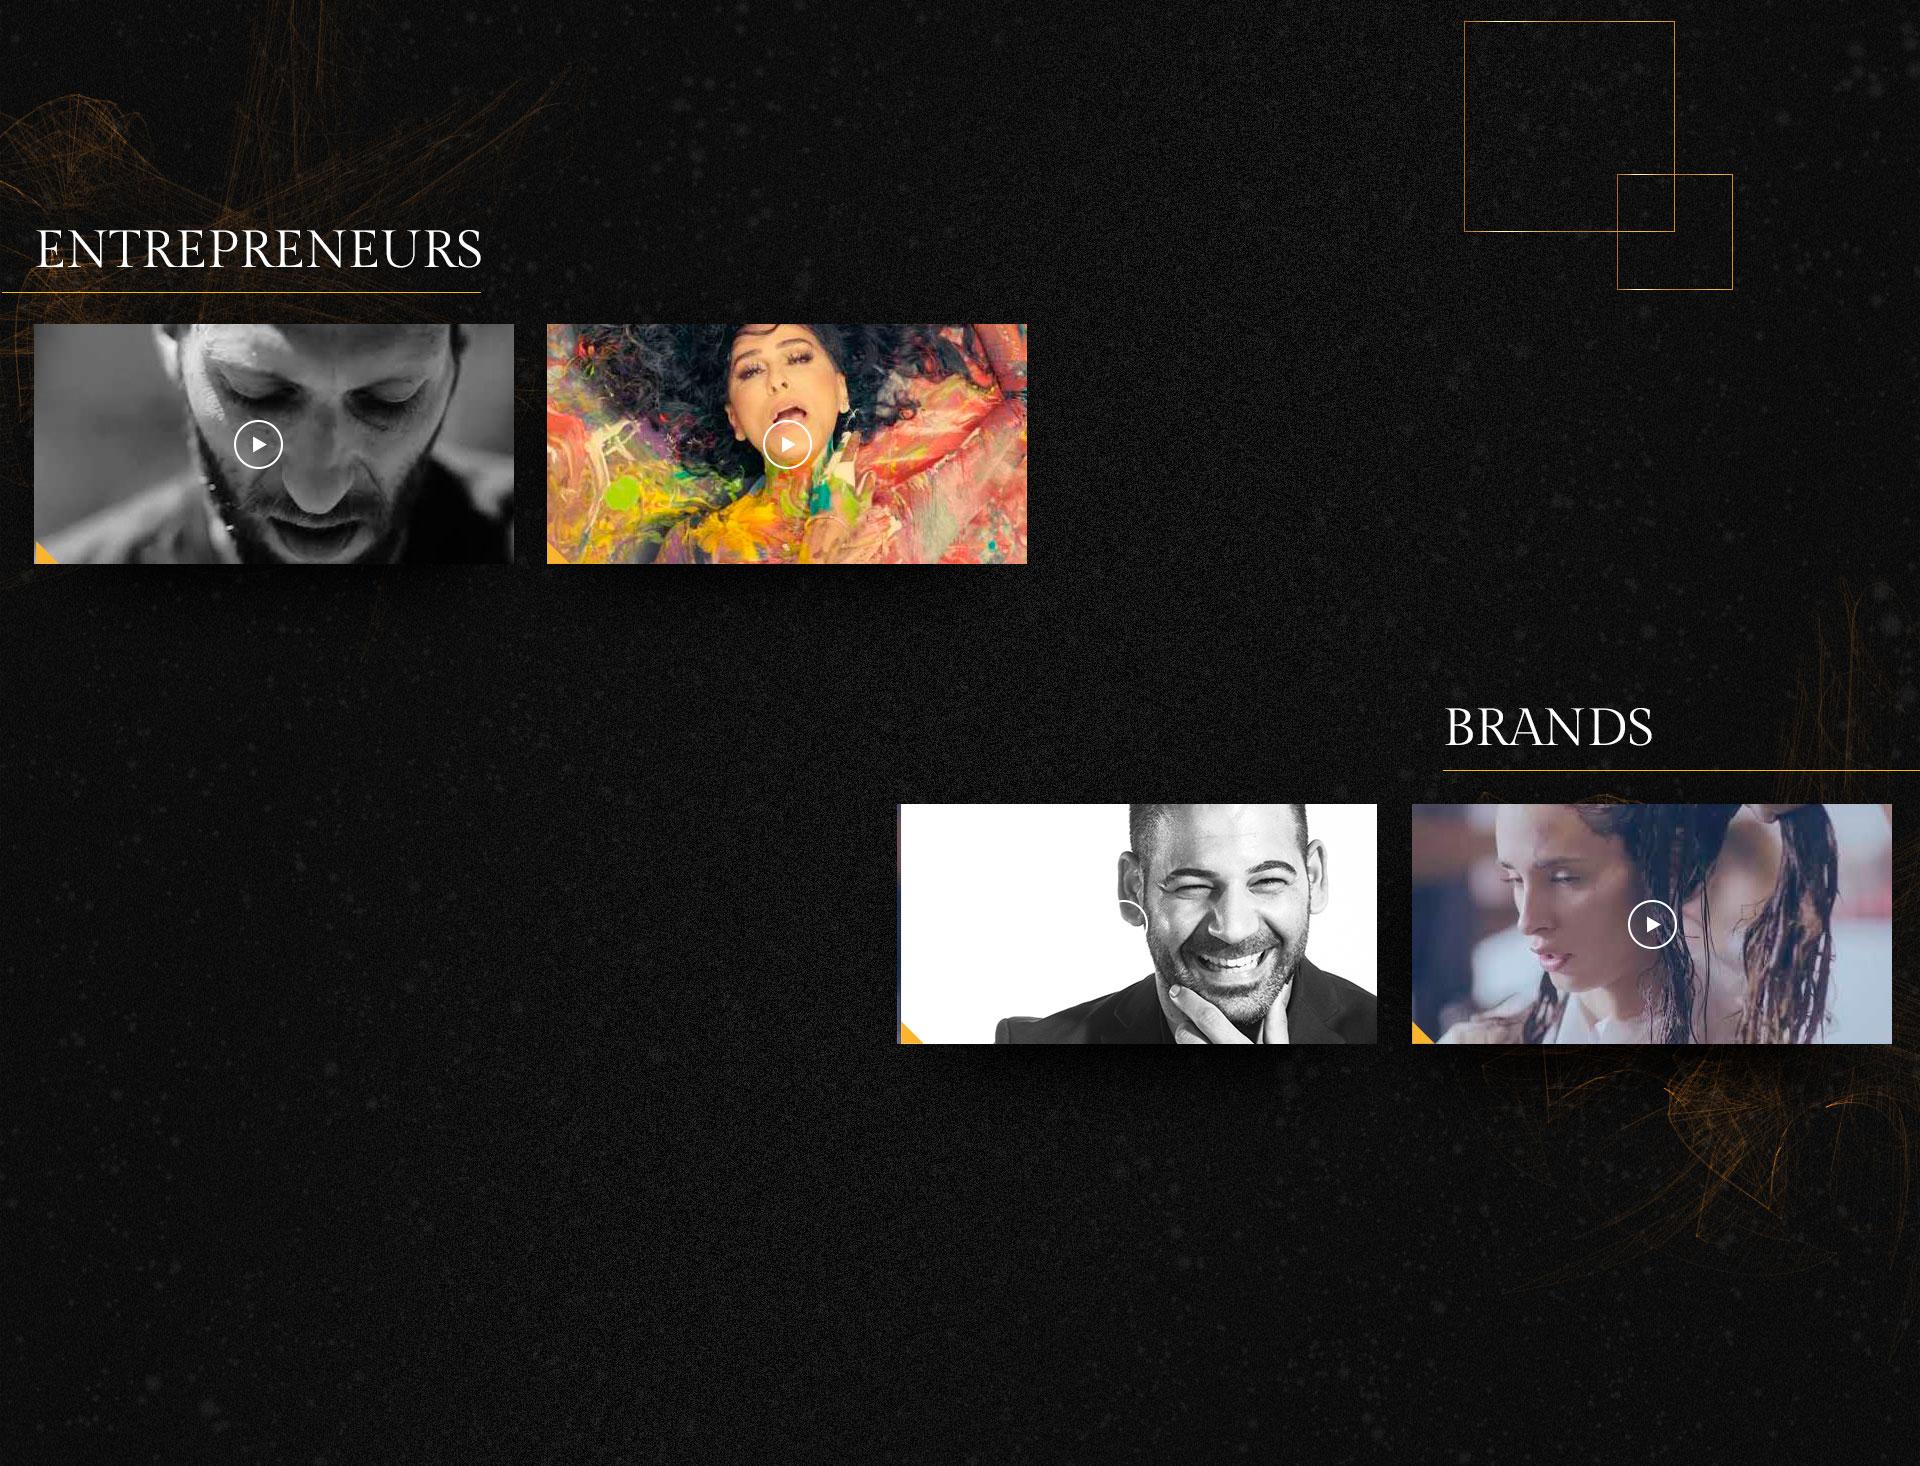 Webdesign video UI entrepreneur עיצוב אינטרנט ממשק וידאו יזם TalouLoren